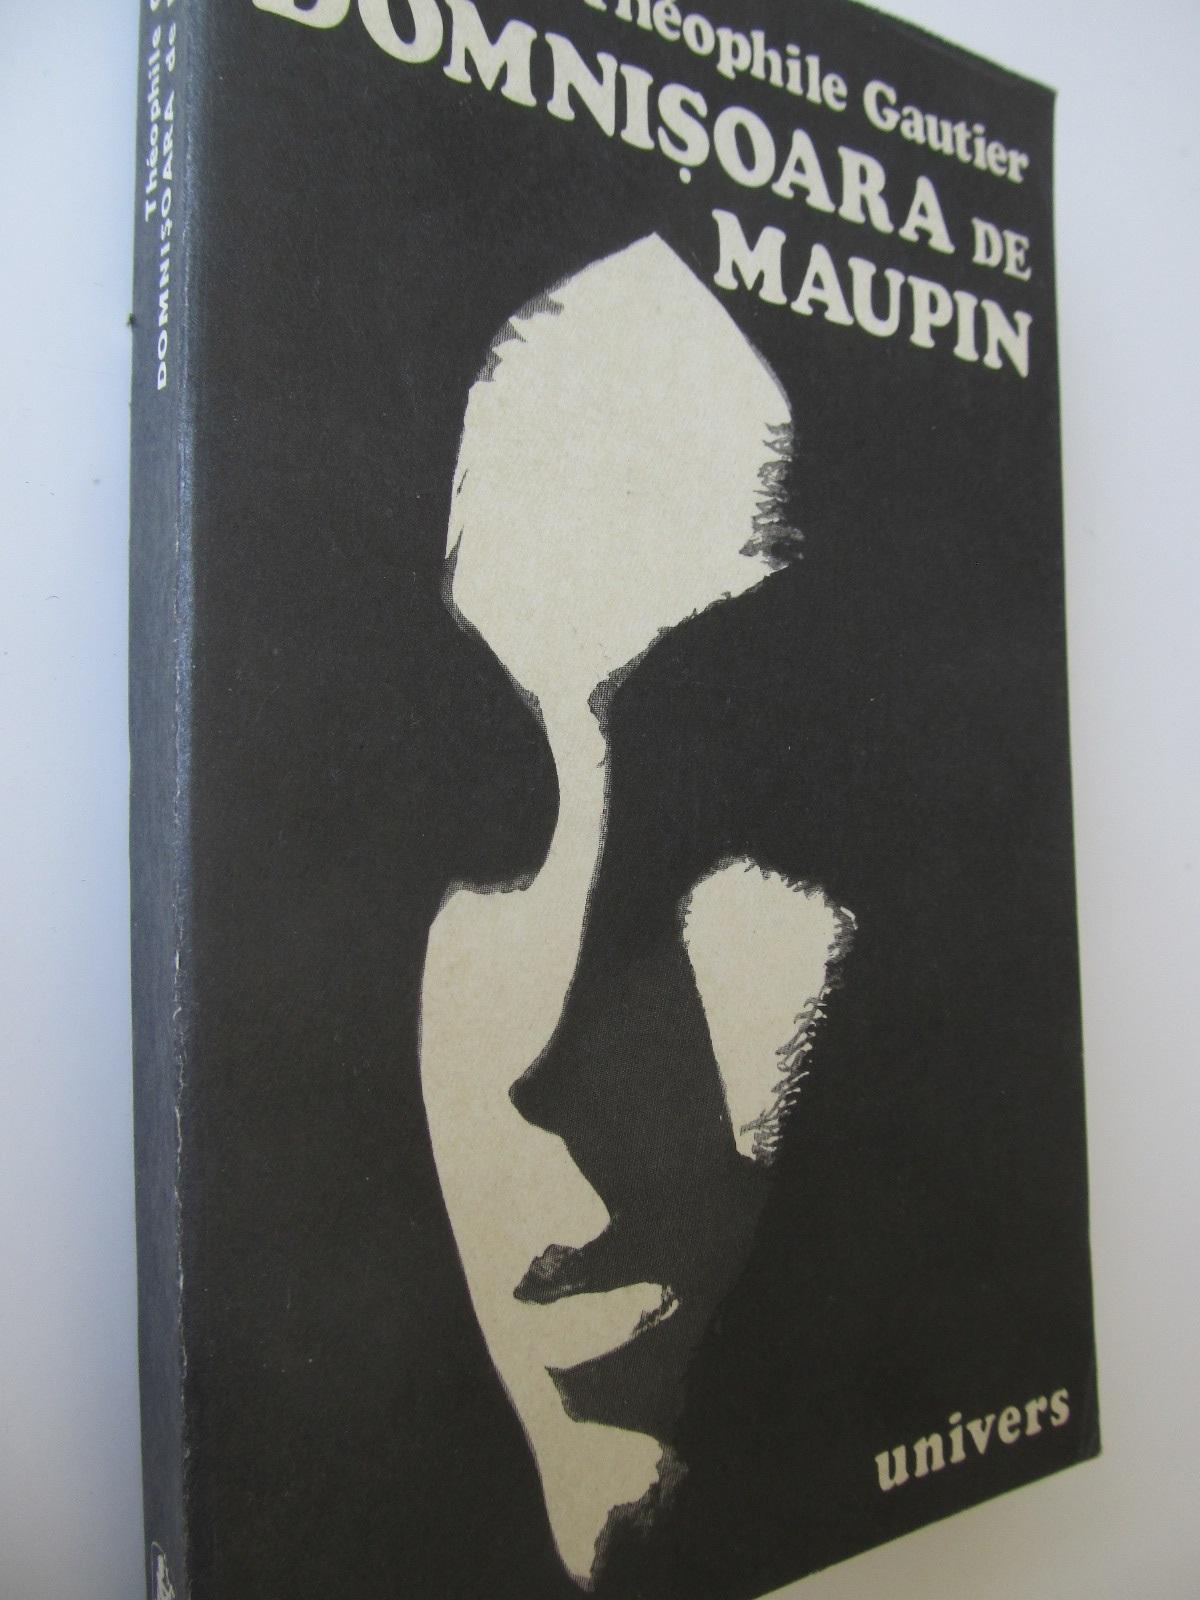 Domnisoara de Maupin - Theophile Gautier   Detalii carte